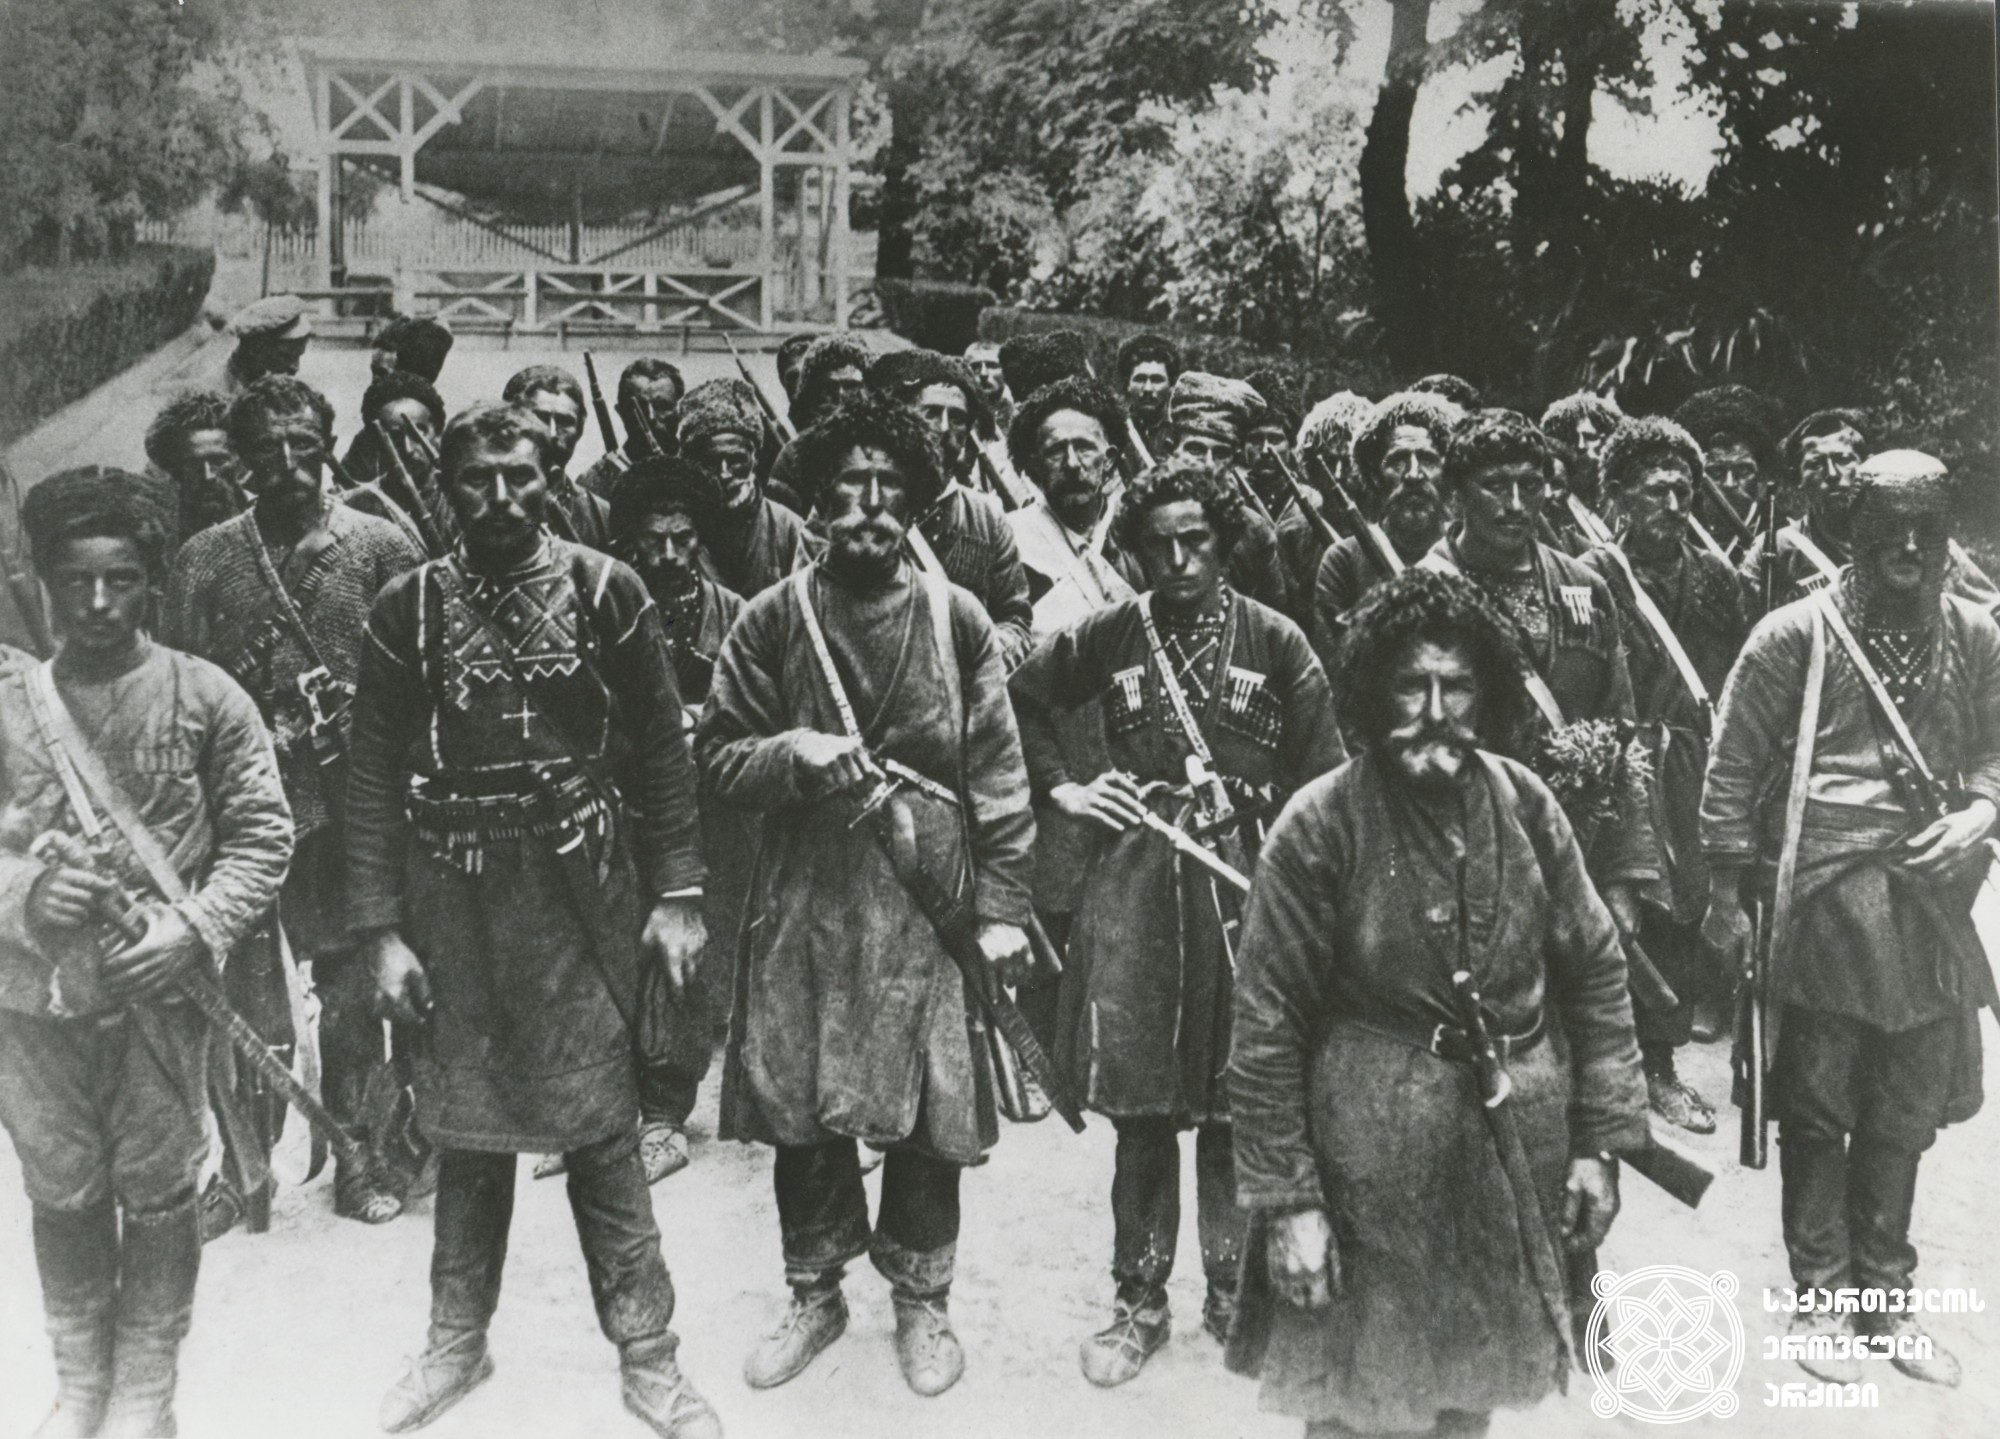 საქართველოს მაღალმთიანი კუთხის, დიდი საომარი ტრადიციის მქონე ხევსურეთის, მოსახლეობა საქართველოს პირველი რესპუბლიკის ომებში ყოველთვის მონაწილეობდა. რუსეთ-საქართველოს 1921 წლის ომში 100-მდე ხევსური იბრძოდა წითელი არმიის წინააღმდეგ. <br>  1918-1921 წლები.  <br> The inhabitants of Khevsureti, a mountainous region of Georgia with a long military tradition, have always participated in the wars of the First Republic of Georgia. During the Russian-Georgian war of 1921, about 100 Khevsurians fought against the Red Army.  <br> 1918-1921.